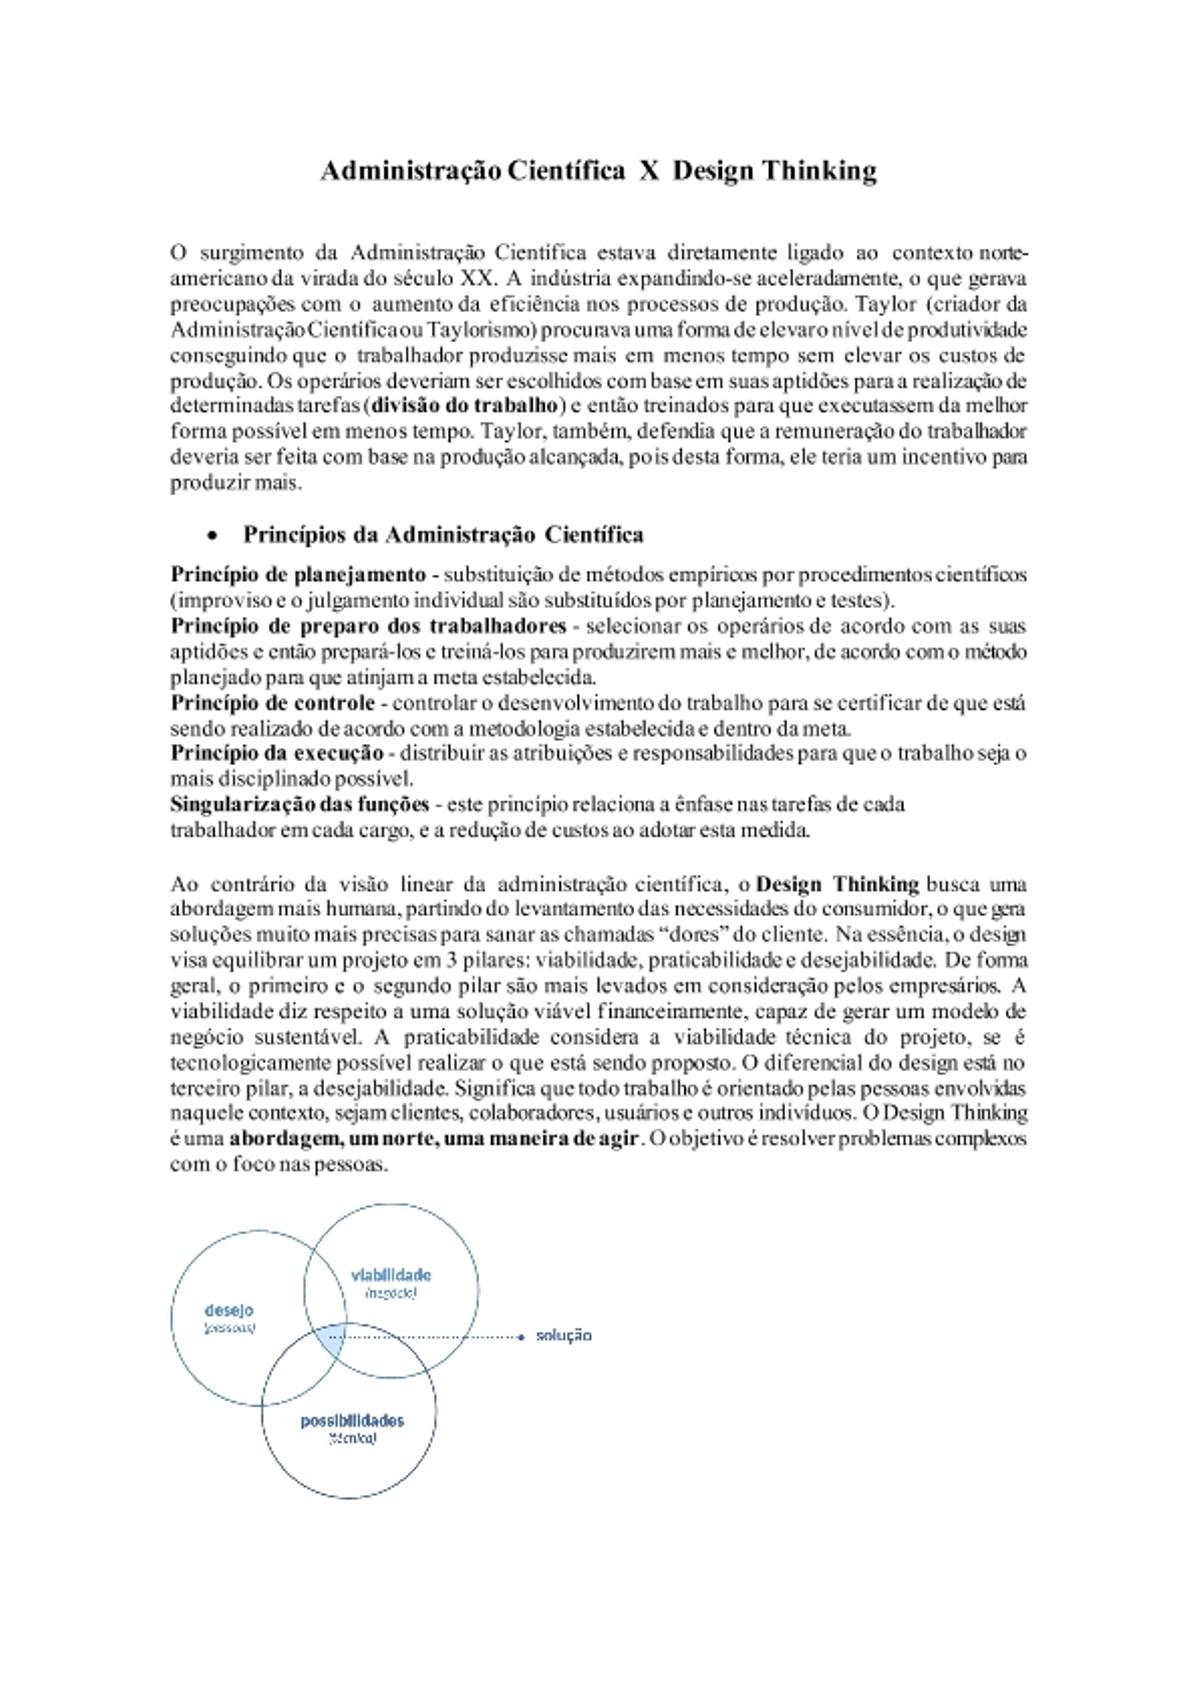 Pre-visualização do material A1 - Criatividade, Ideação e Solução de Problemas - página 1